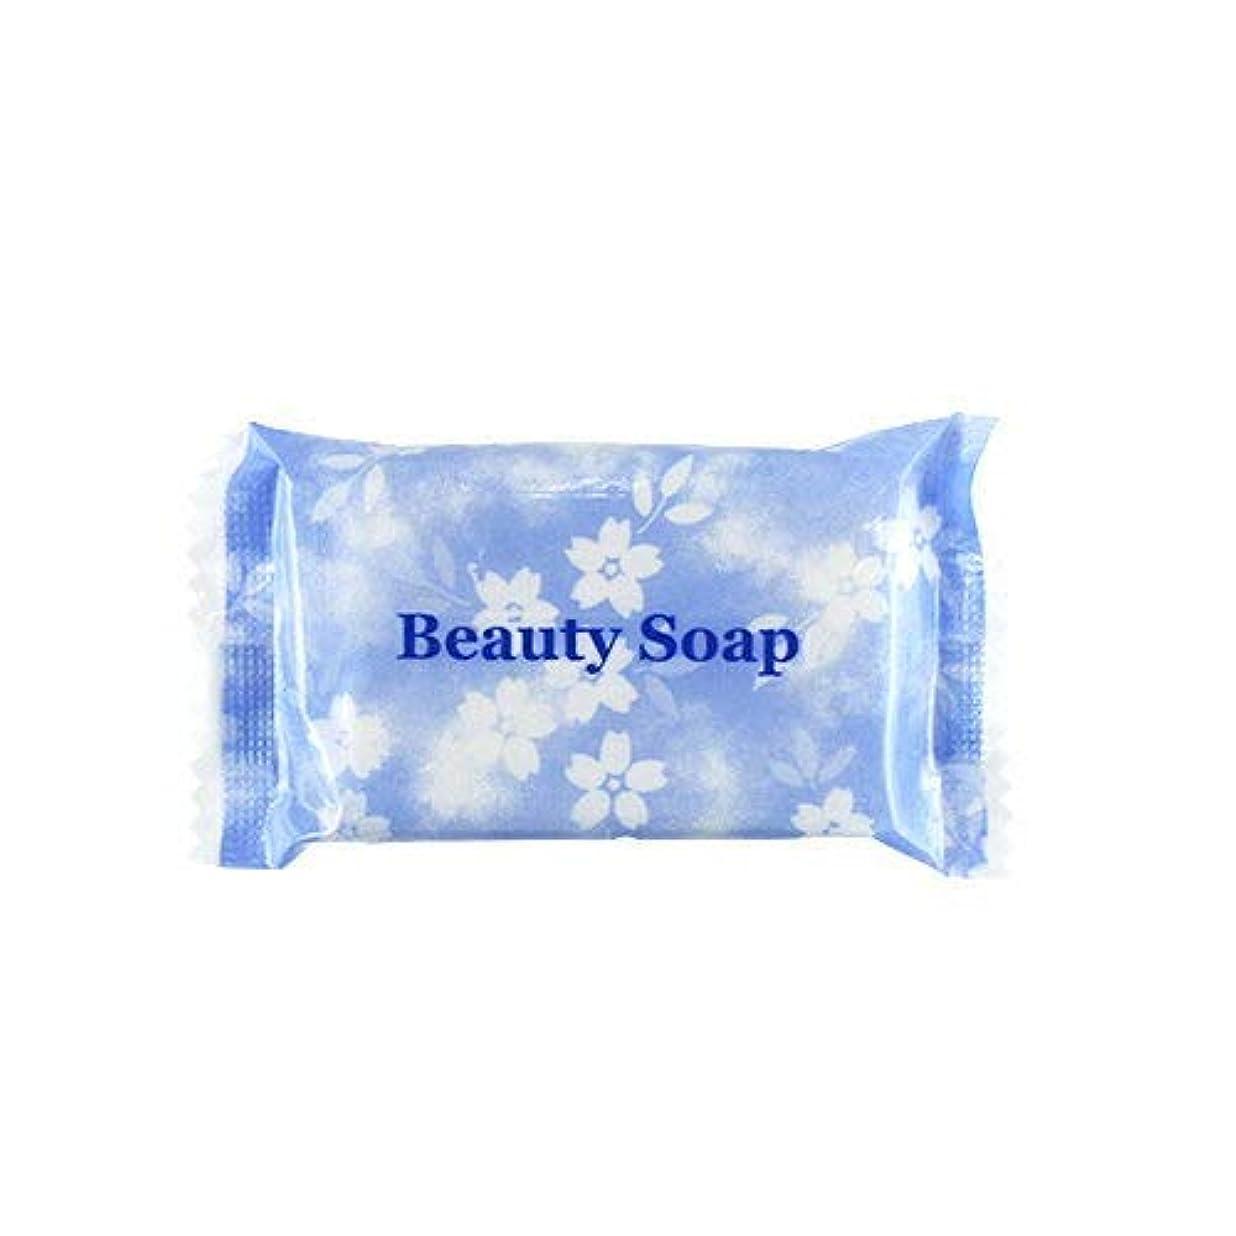 とんでもないアフリカ人配列業務用 クロバーコーポレーション ビューティーソープ(Beauty Soap) 15g×50個セット | ホテルアメニティ 個包装